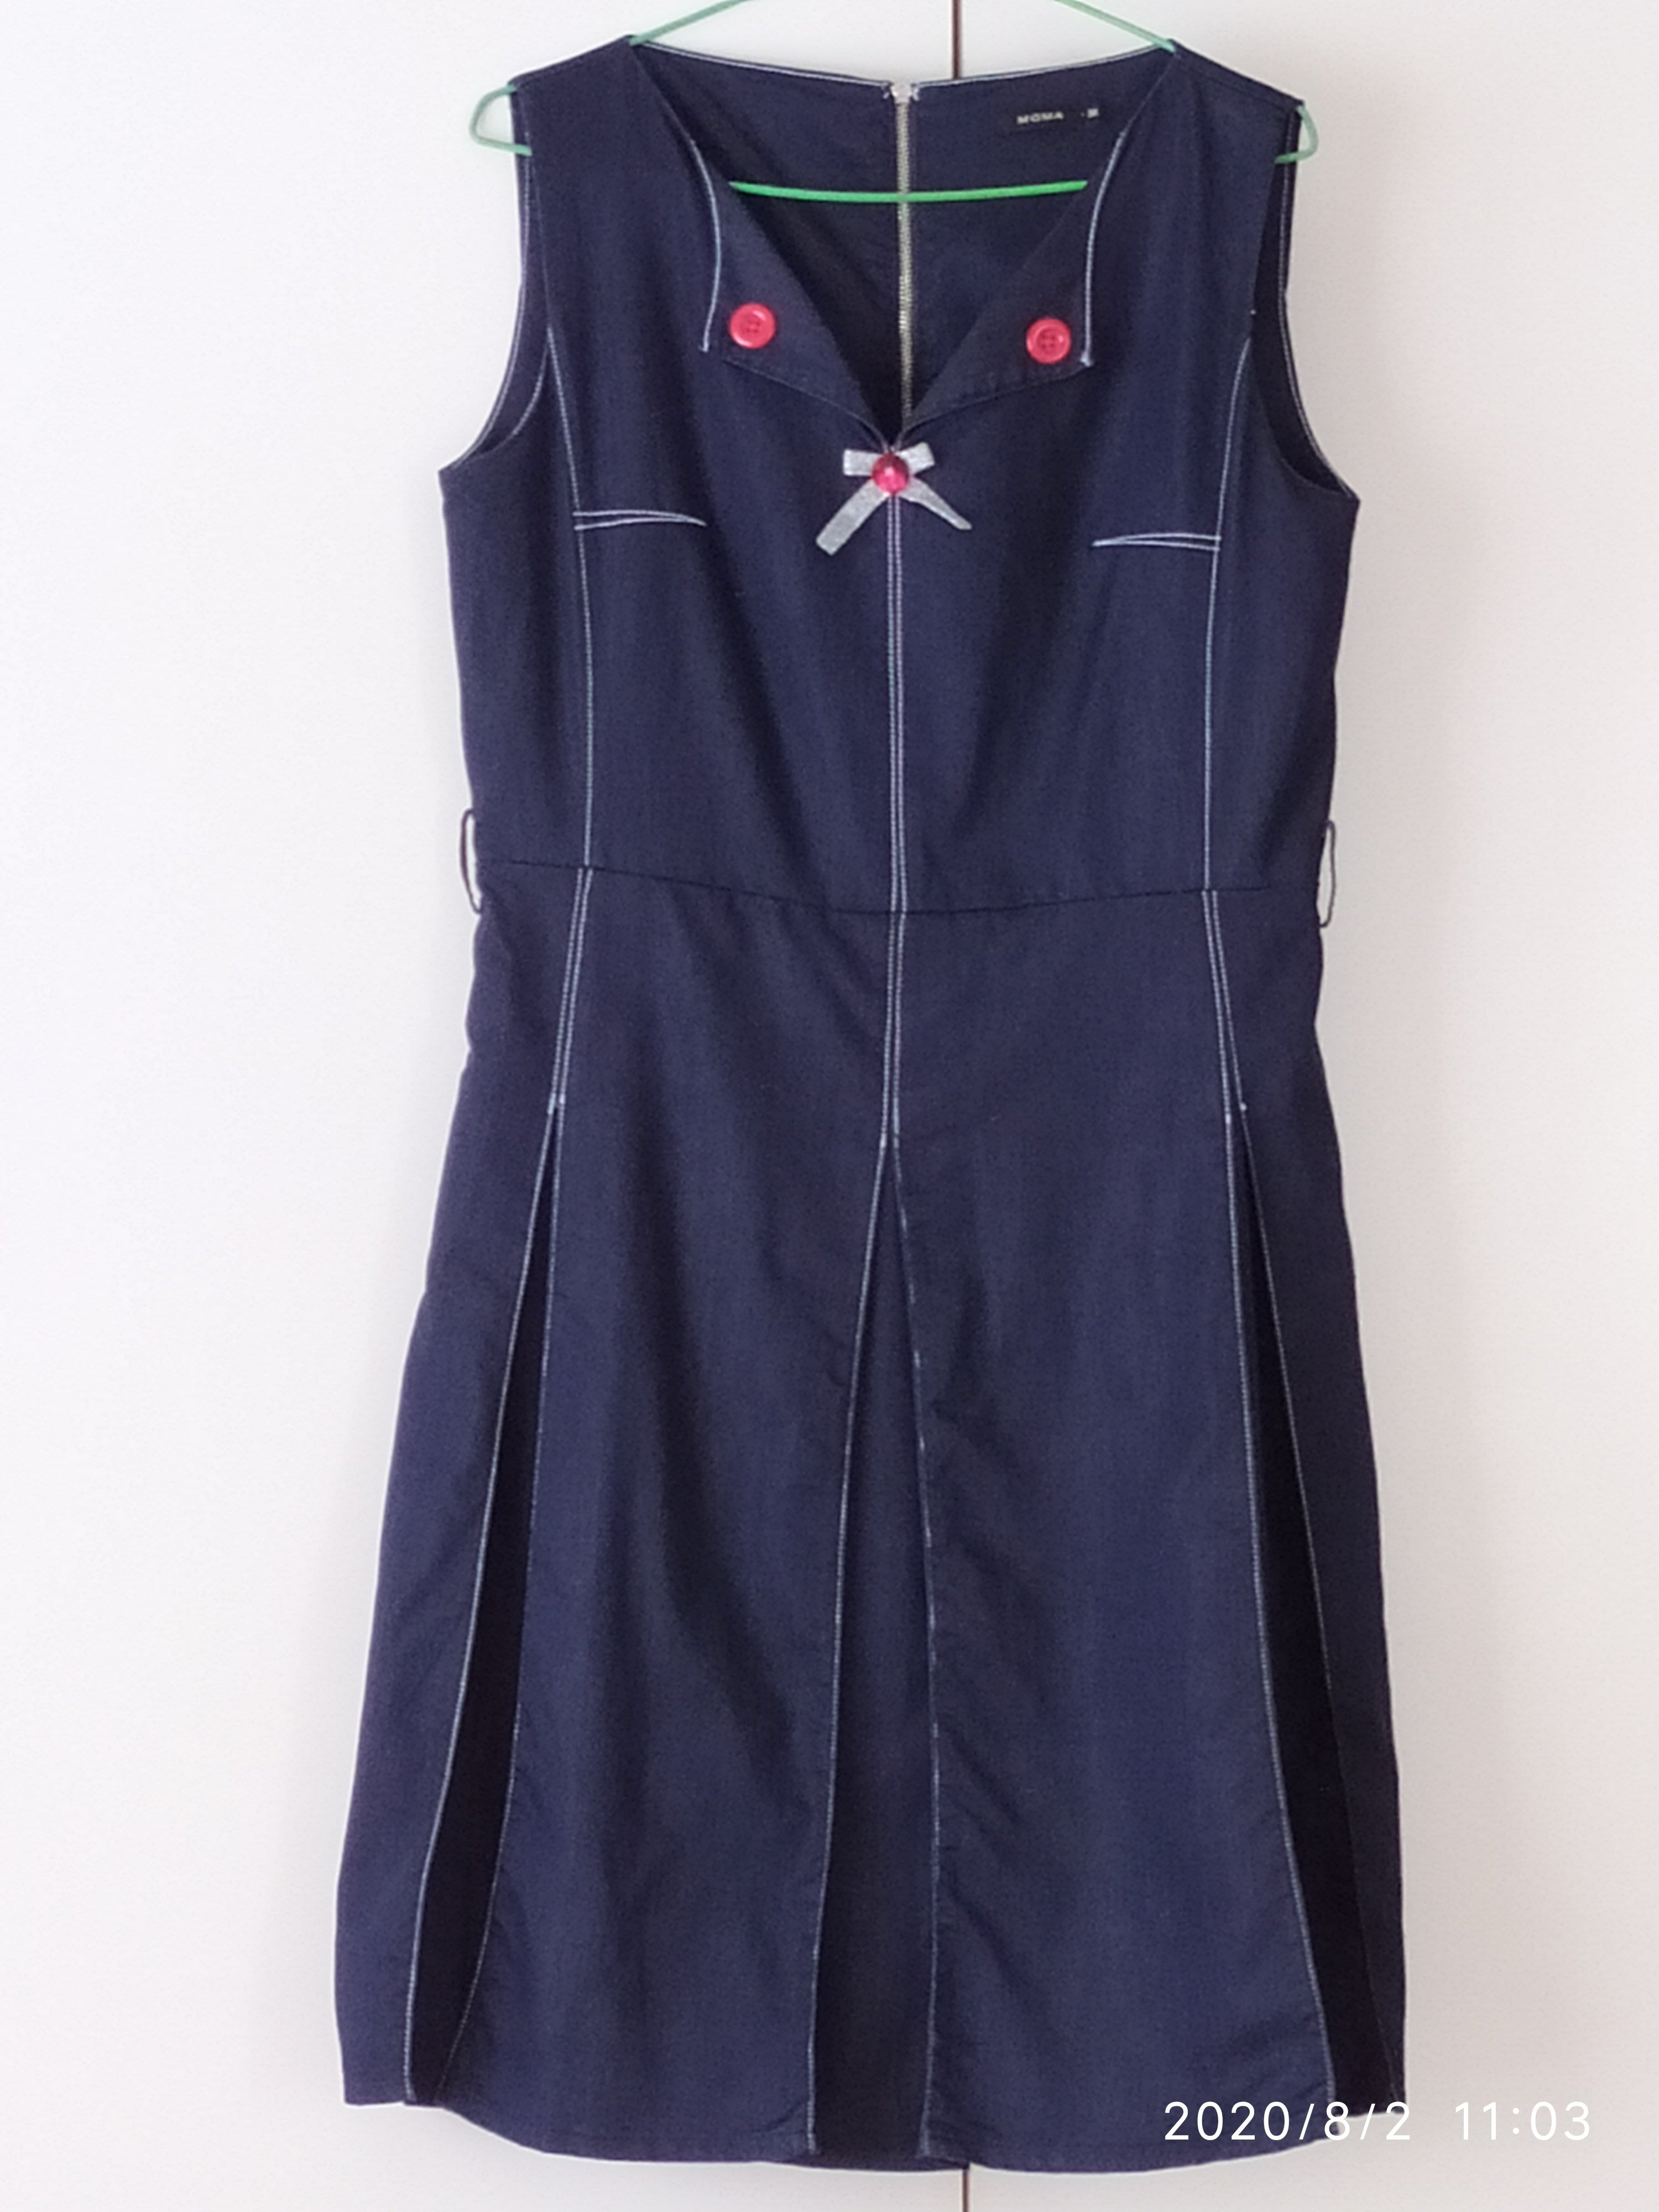 Moma 深藍牛仔布洋裝